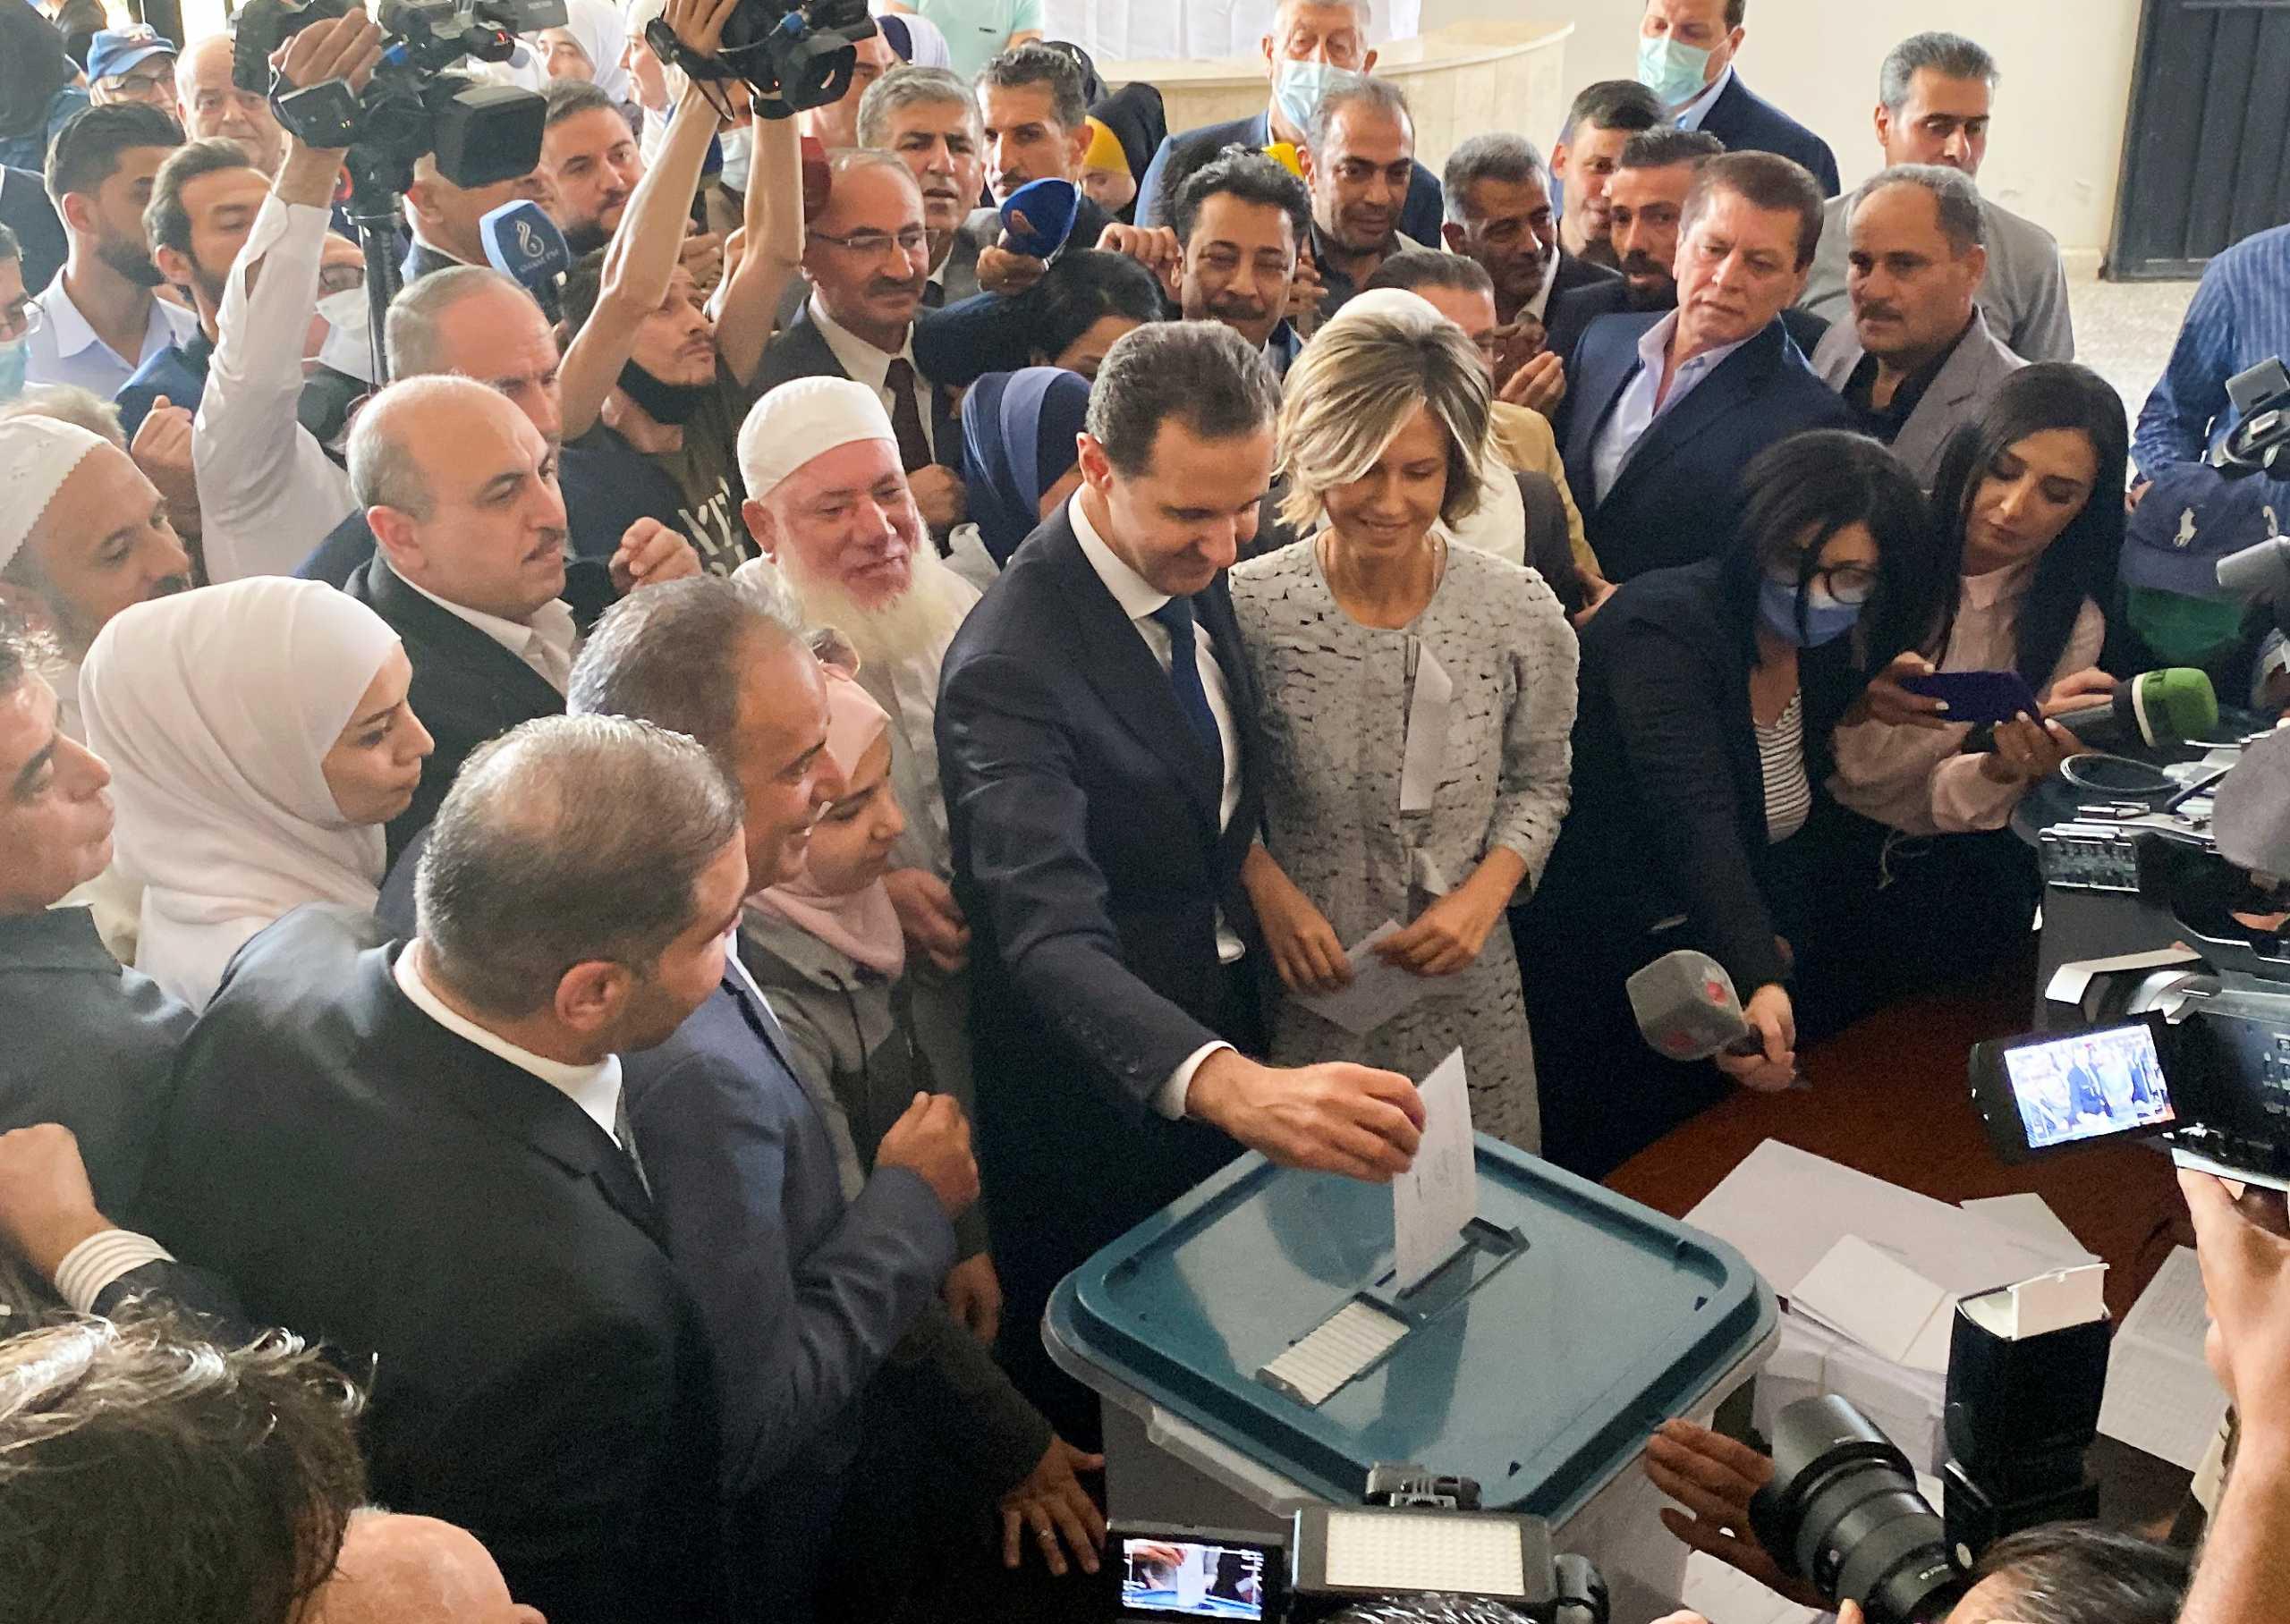 Συρία: Η Ρωσία χαιρετίζει την «πειστική» νίκη του Άσαντ στις εκλογές – Συγχαρητήρια και από Κίνα